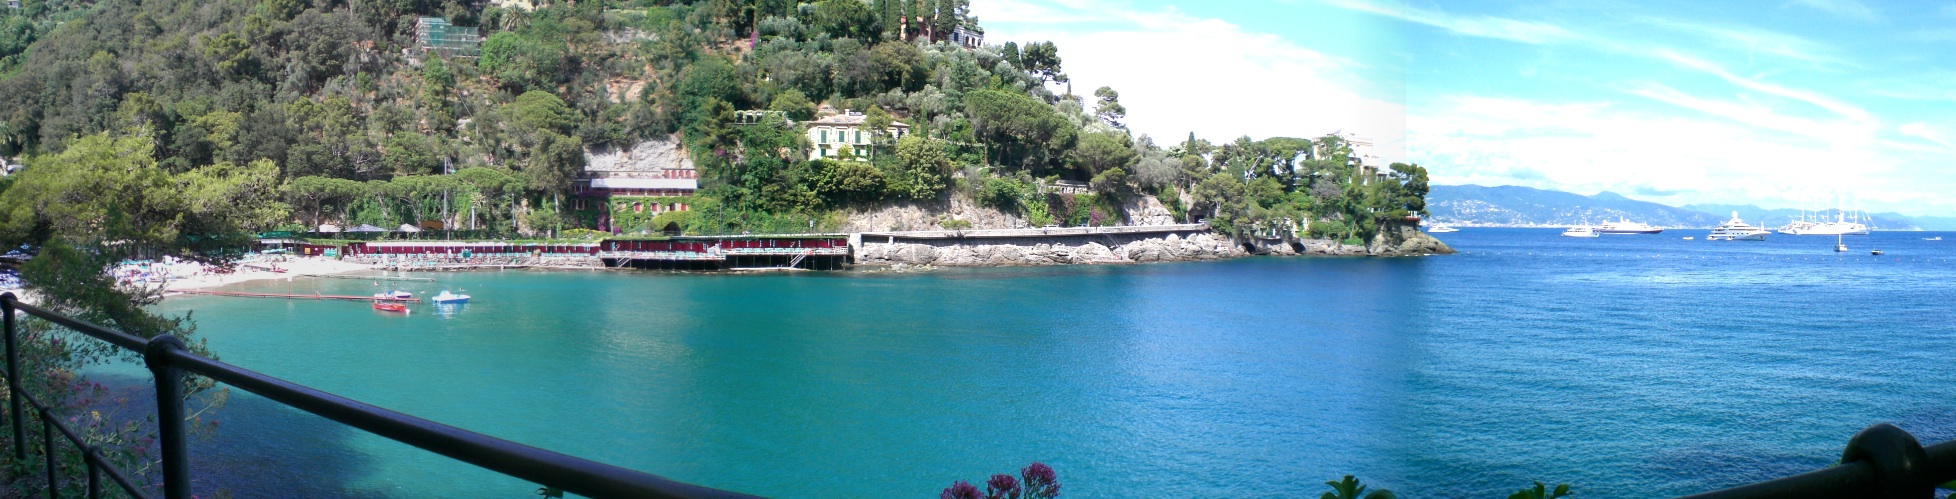 Paraggi - Ignasca Bay